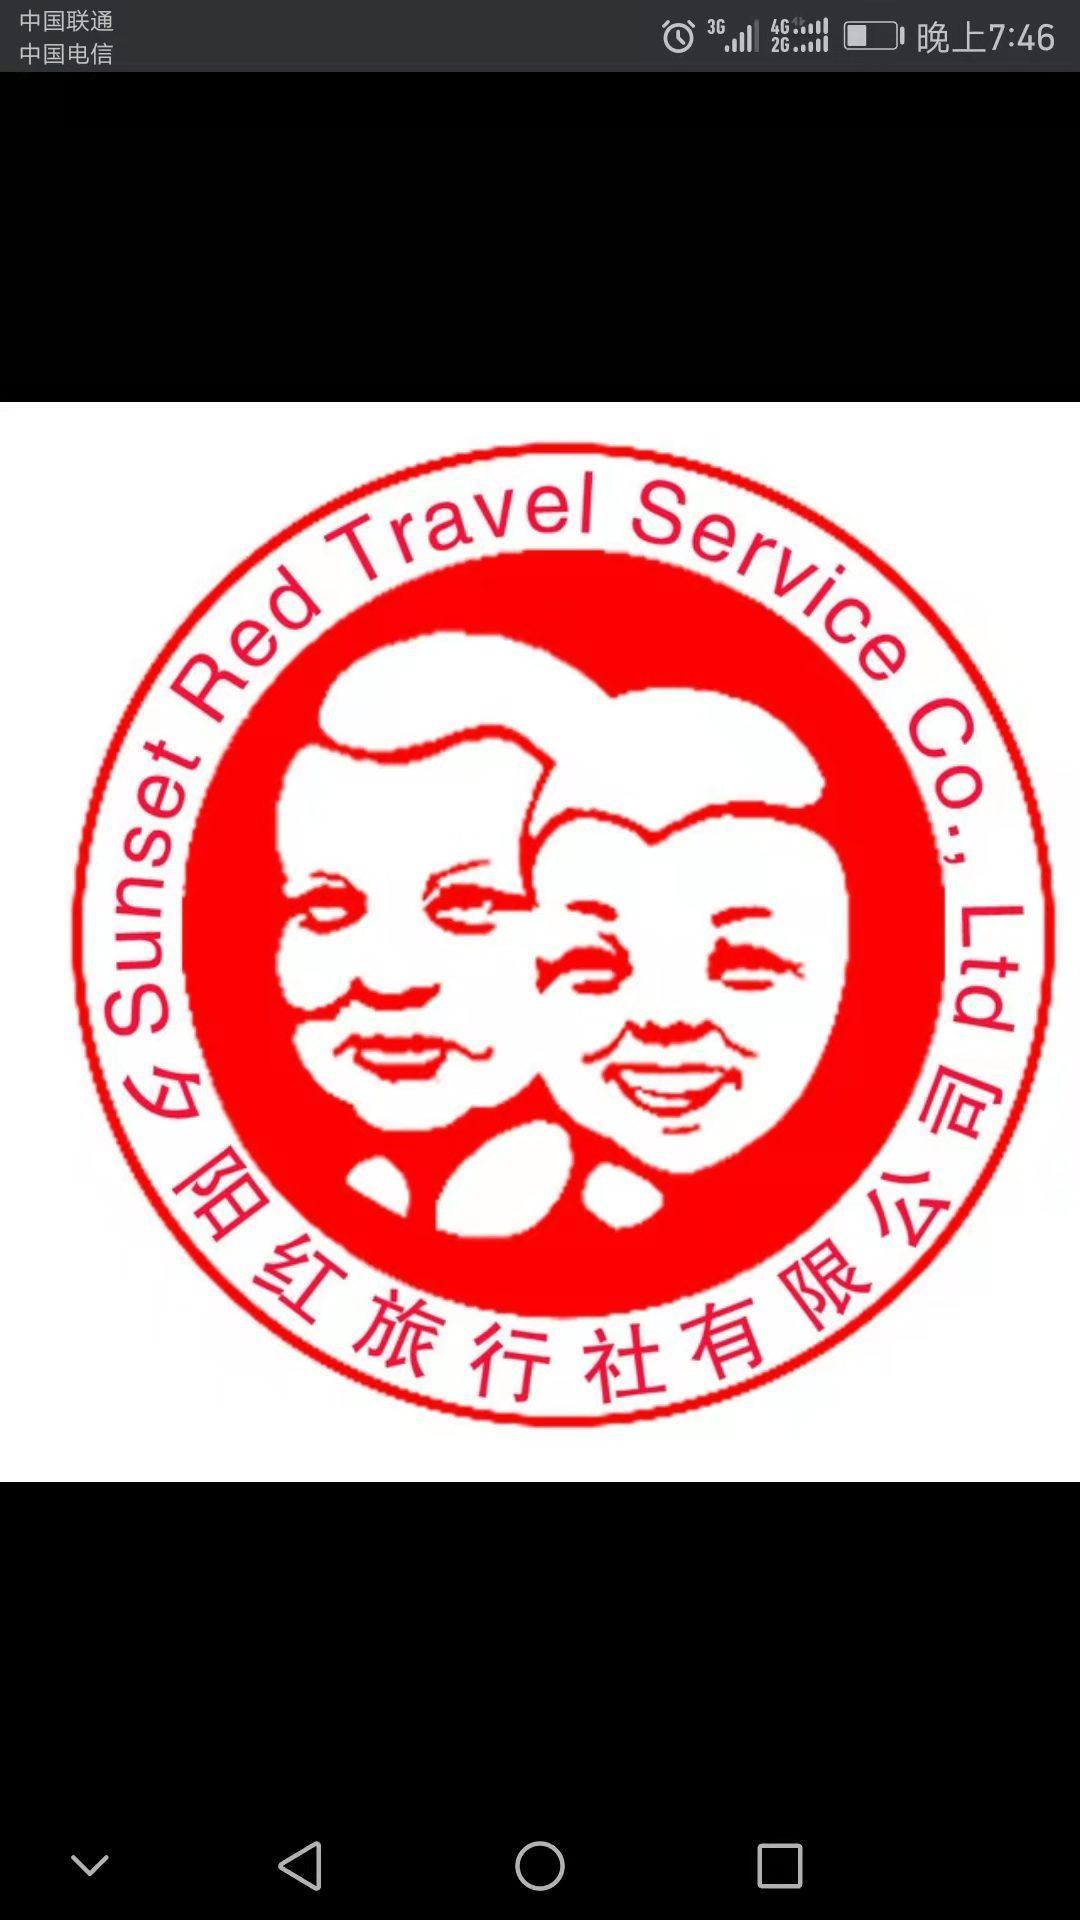 潍坊夕阳红旅行社有限公司